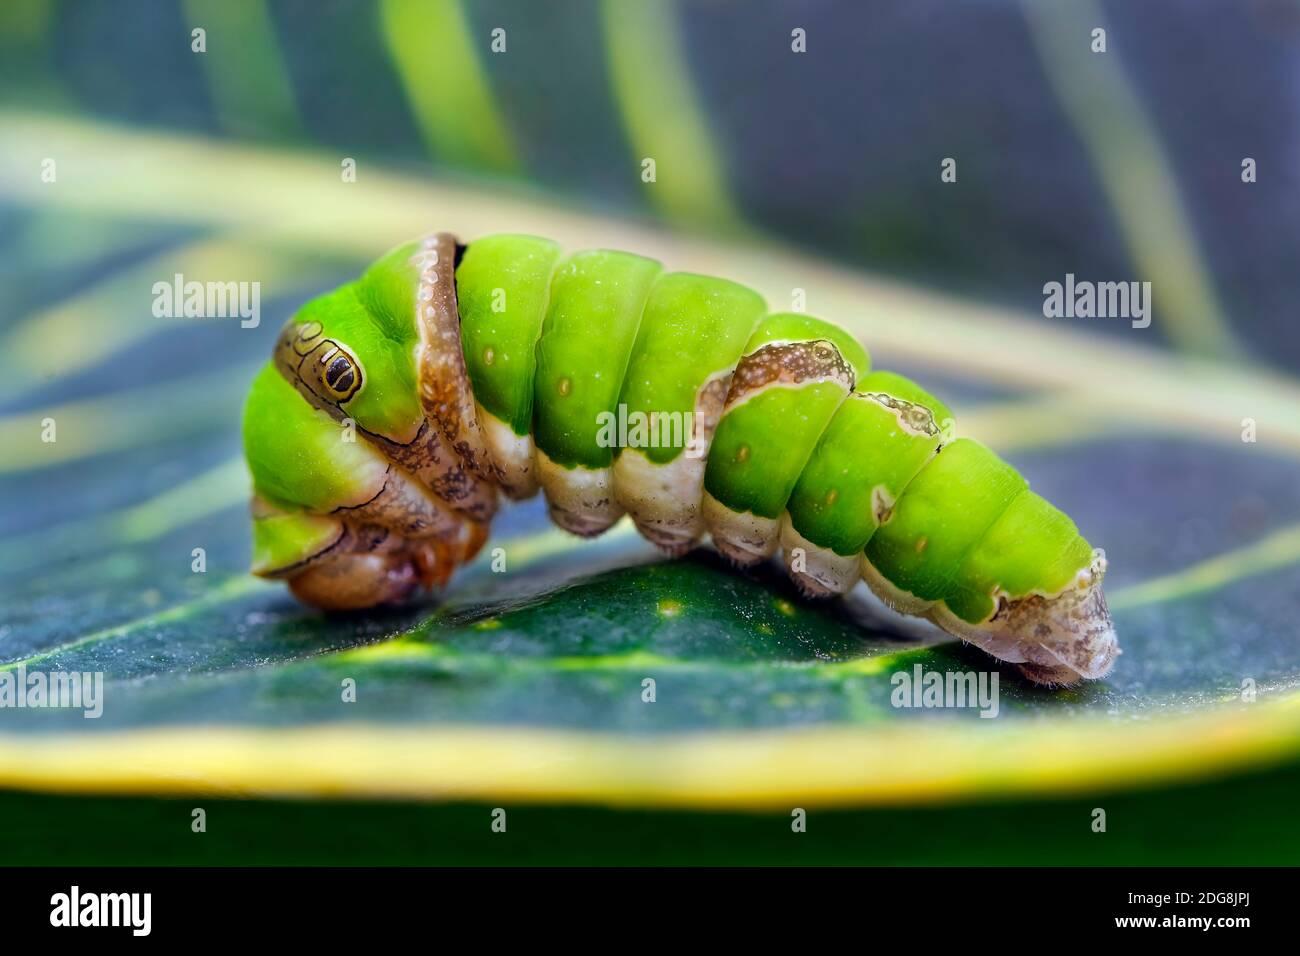 Raupe mit Schwalbenschwanz - Papilio demodocus Stockfoto